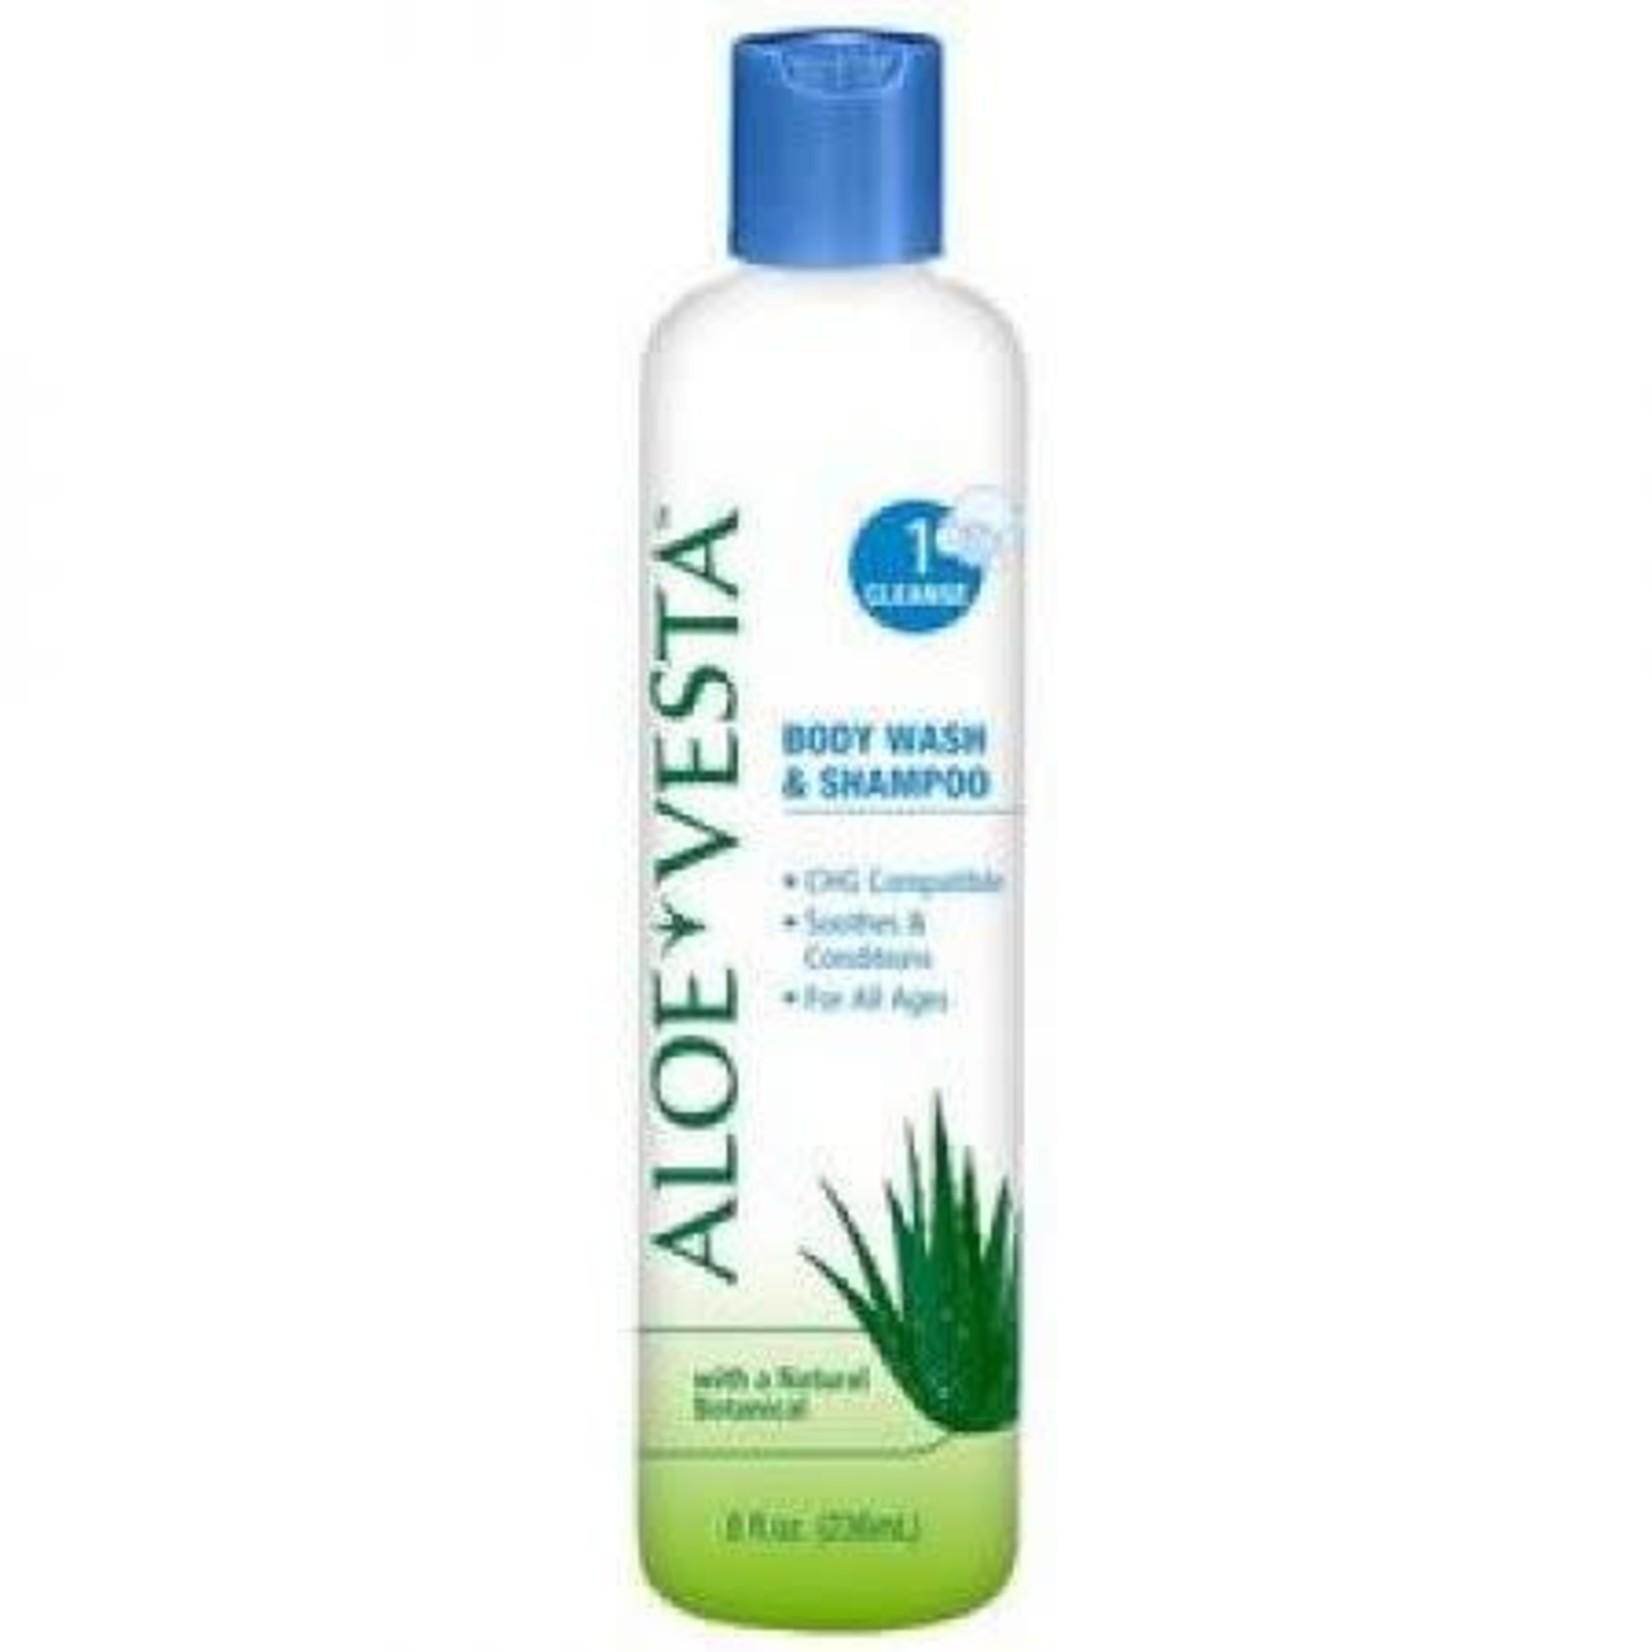 Flamingo Care Products Aloe Vesta - 2-in-1 Body Wash/Shampoo